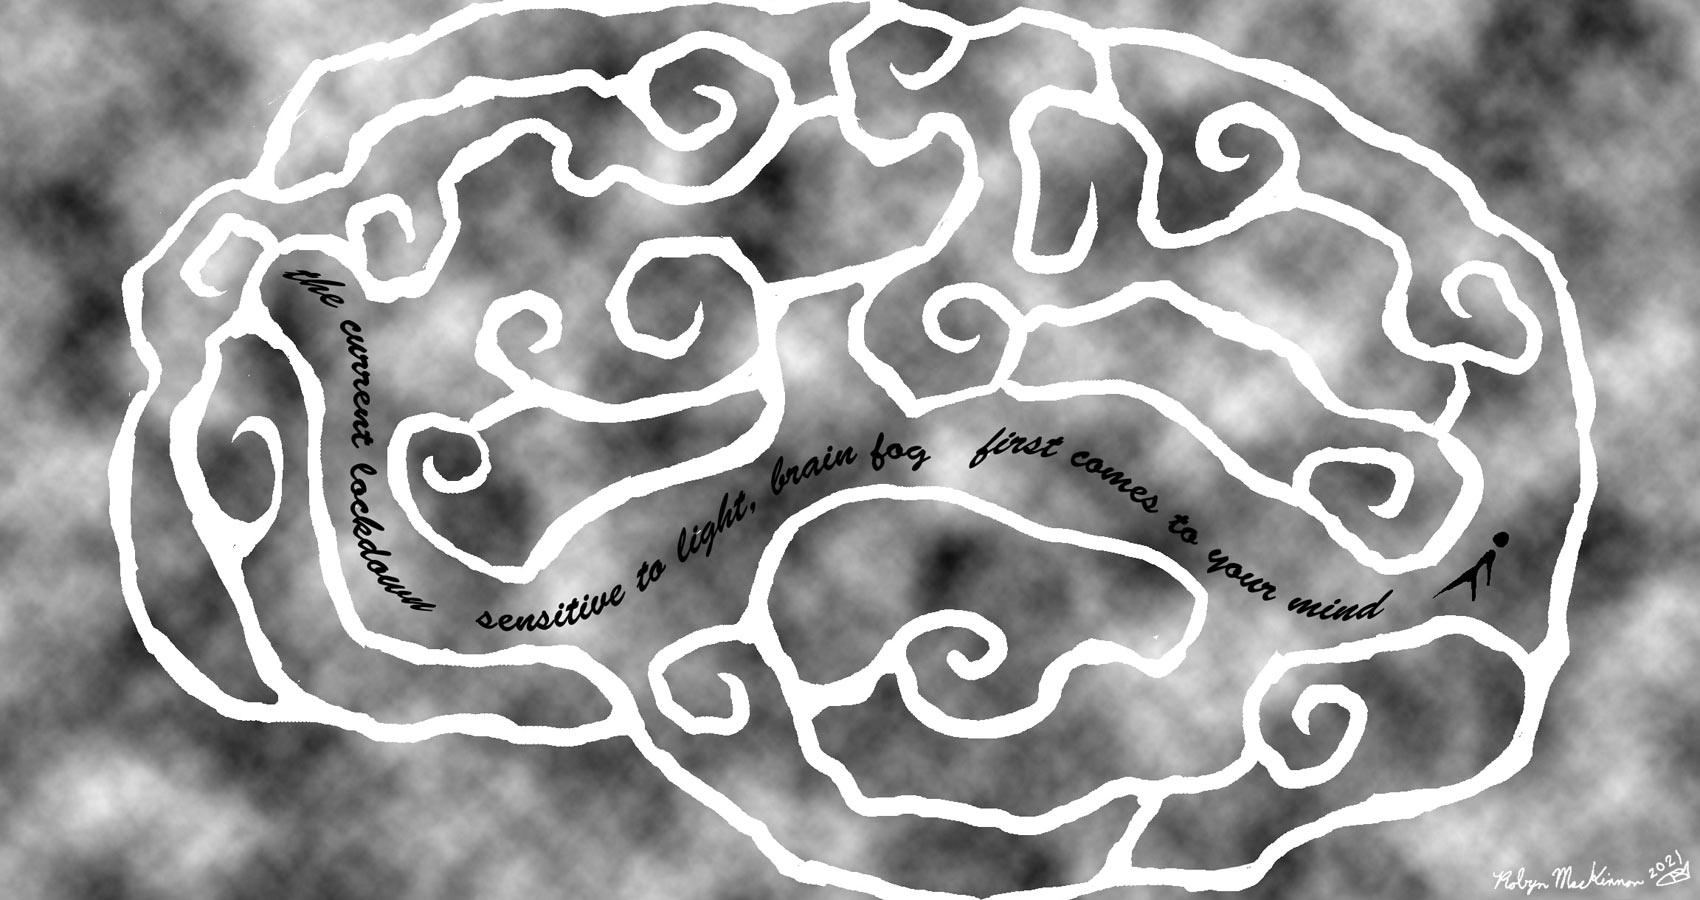 Lockdown Brain Fog, a haiku by Robyn MacKinnon at Spillwords.com